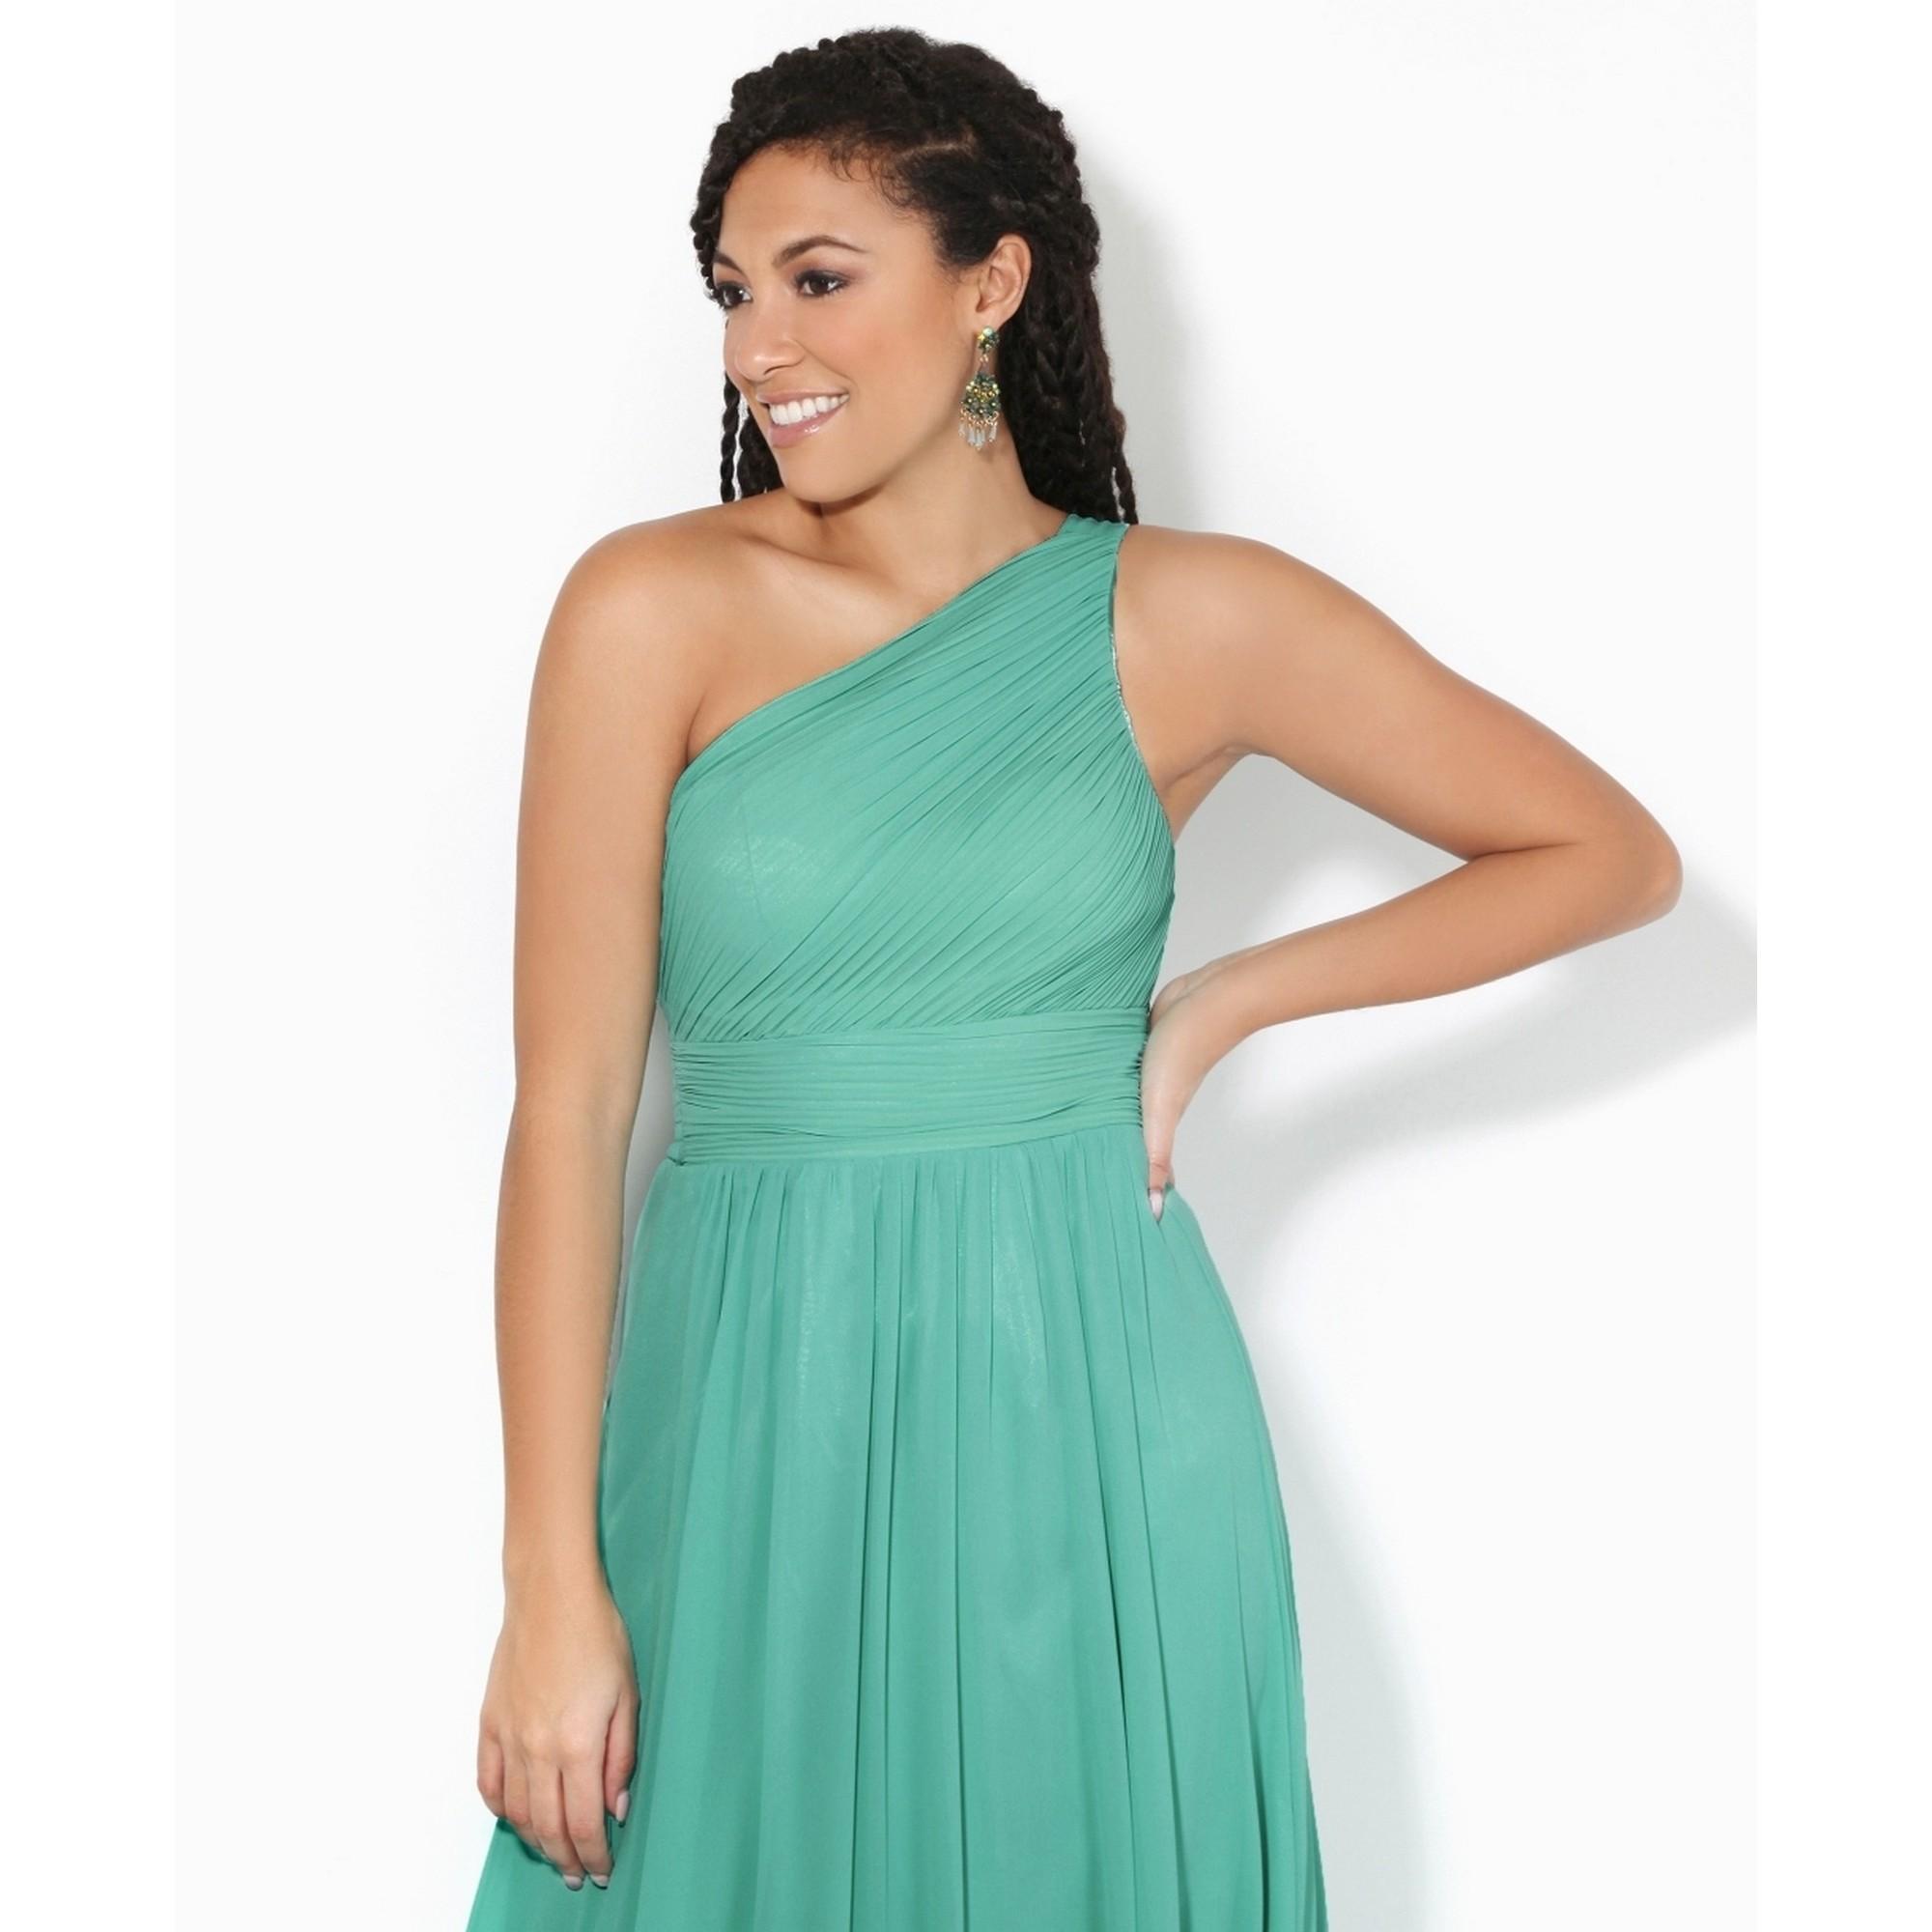 Krisp Womens/Ladies One Shoulder Evening Maxi Dress (18 UK) (Aqua Blue)